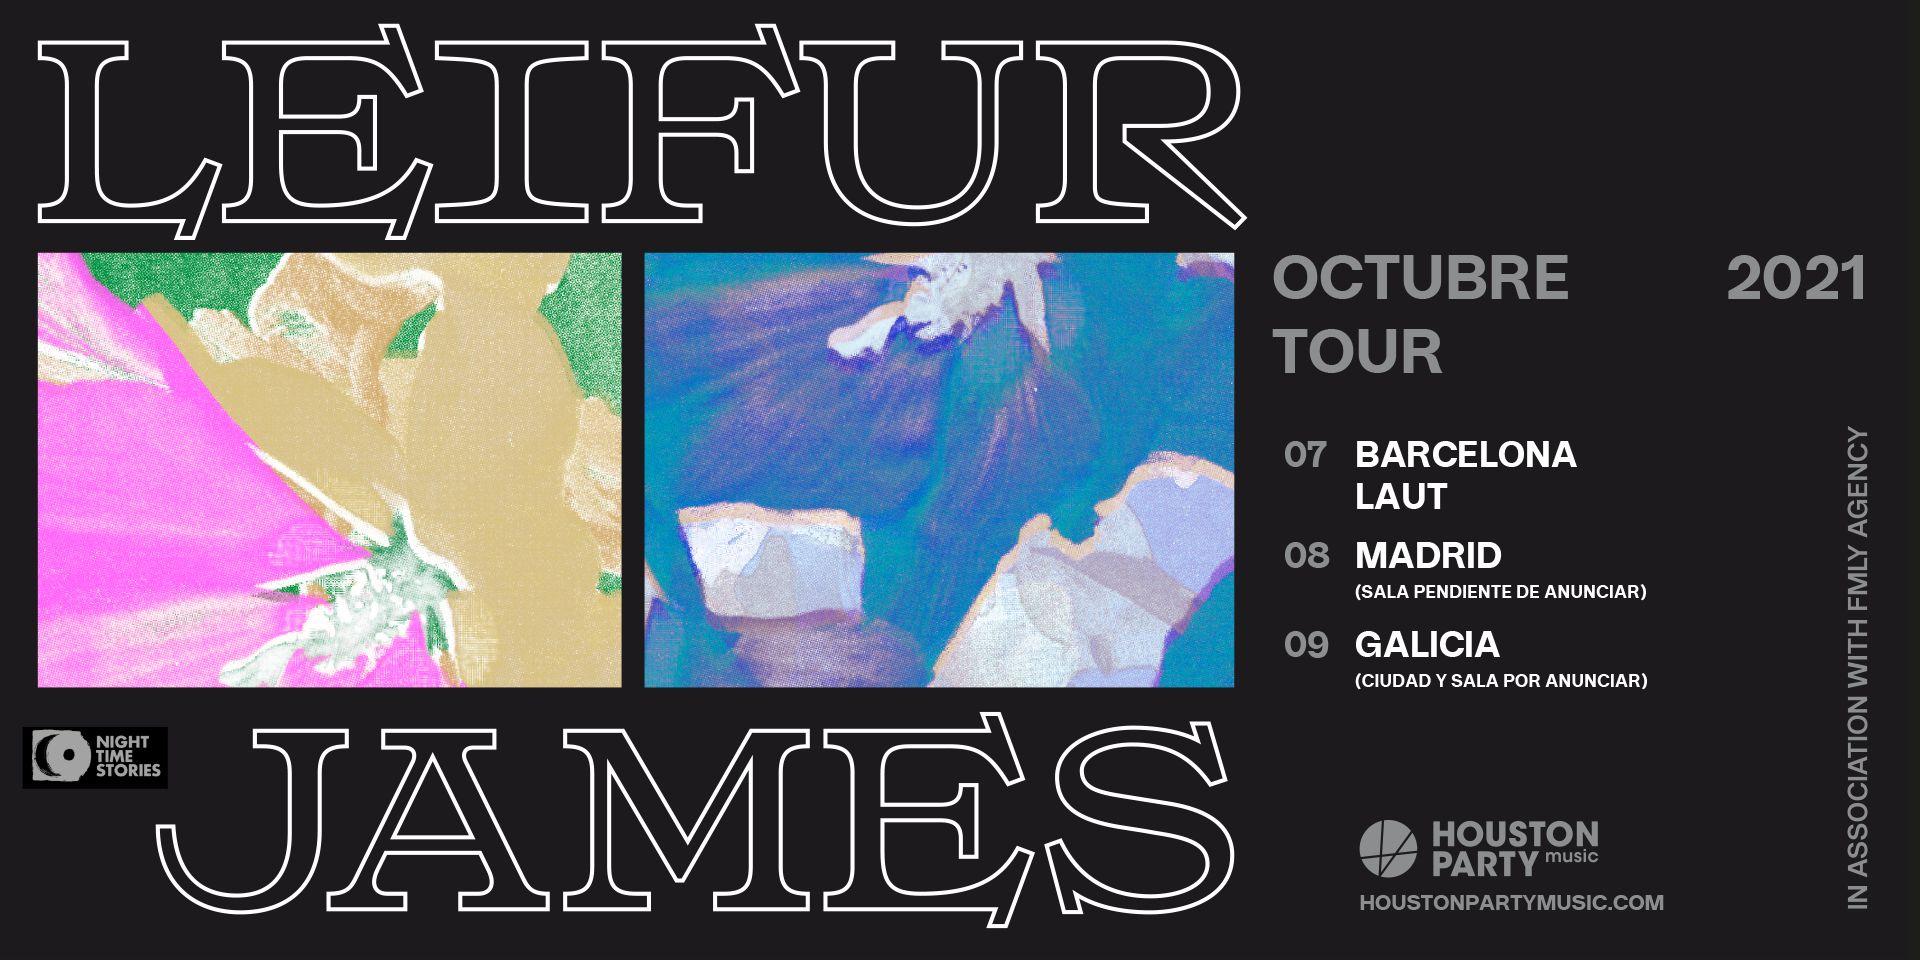 Leifur James, en octubre de 2021 en Barcelona, Madrid y Galicia